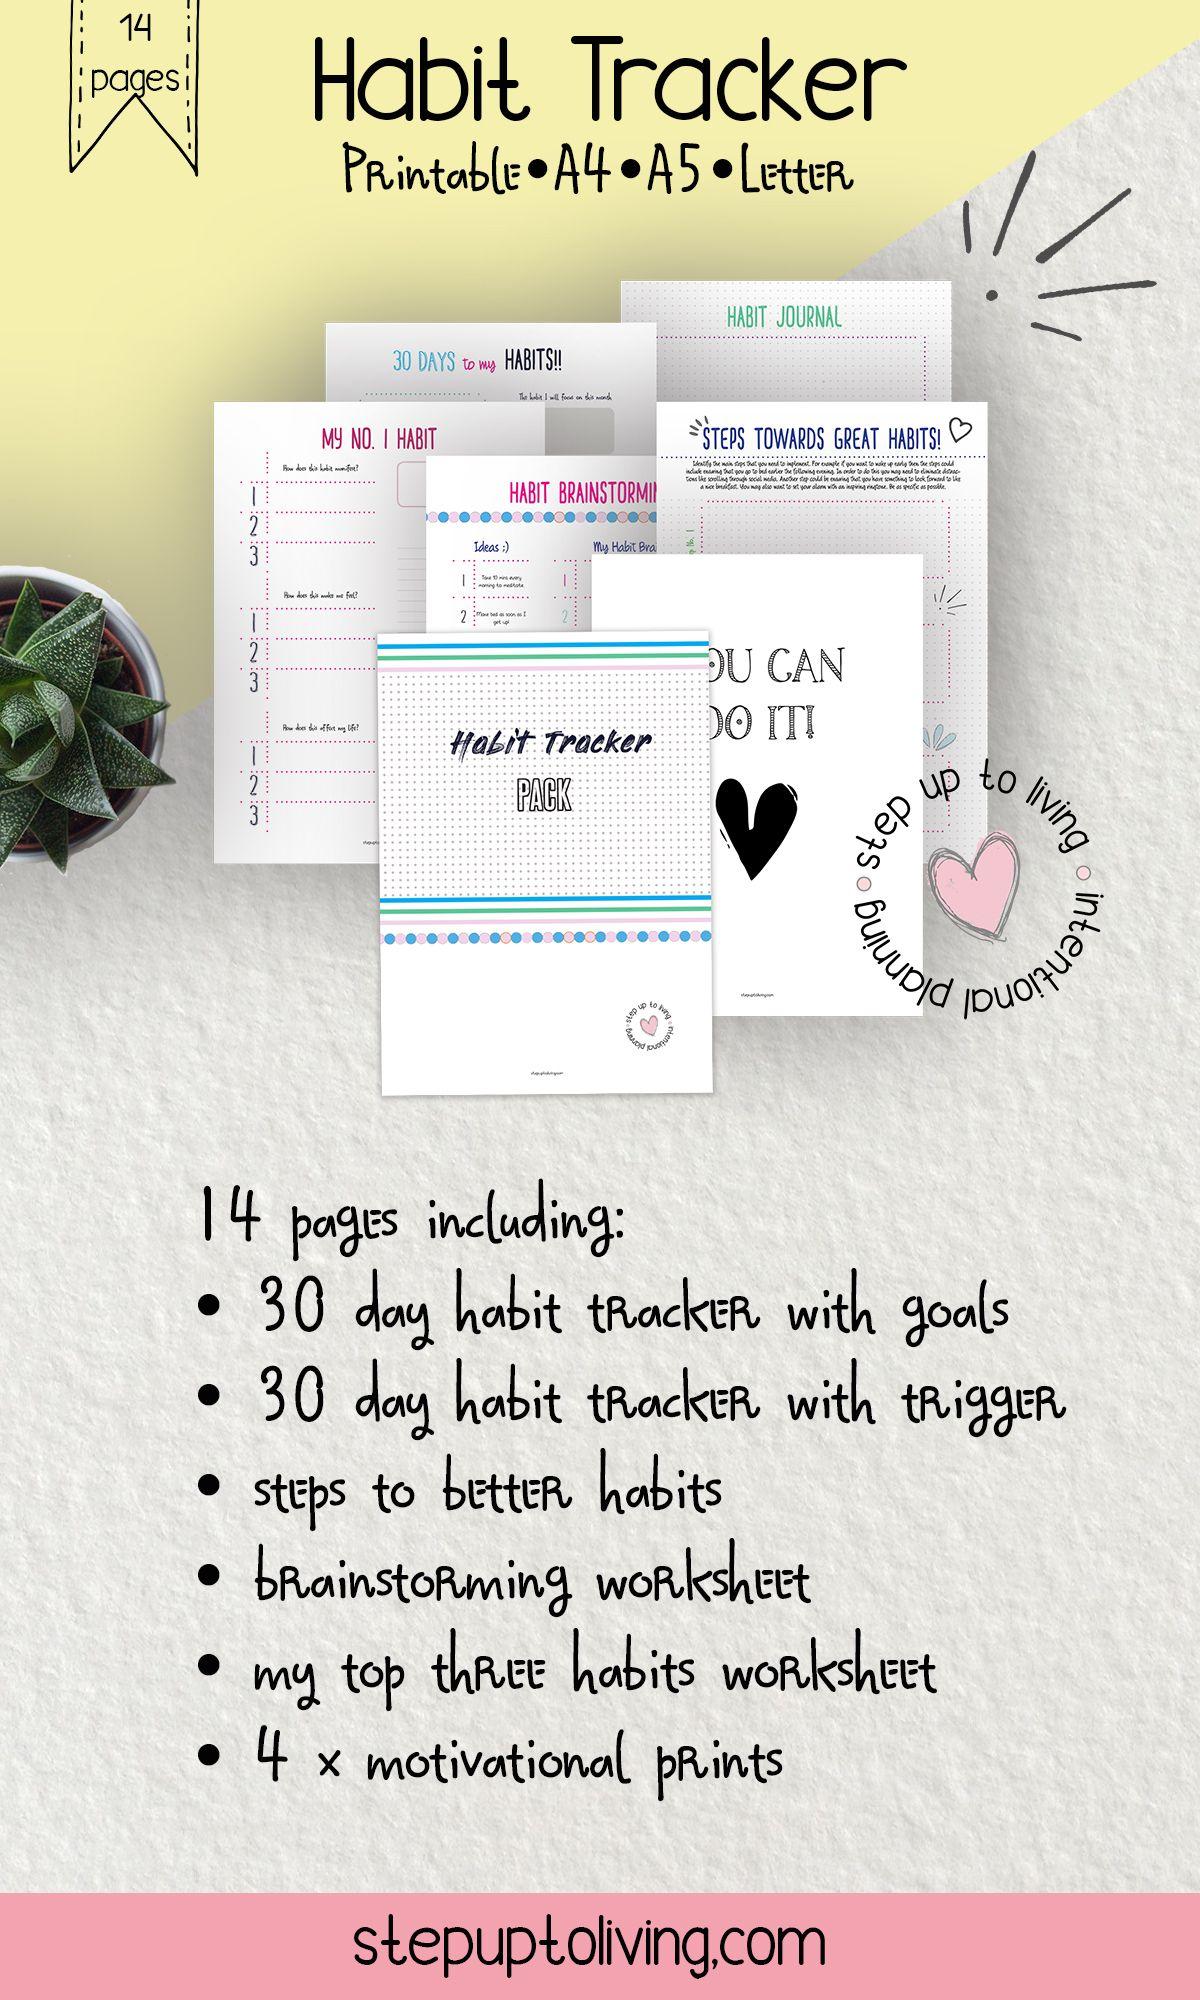 Habit Tracker 30 Day Habit Tracker Steps To Better